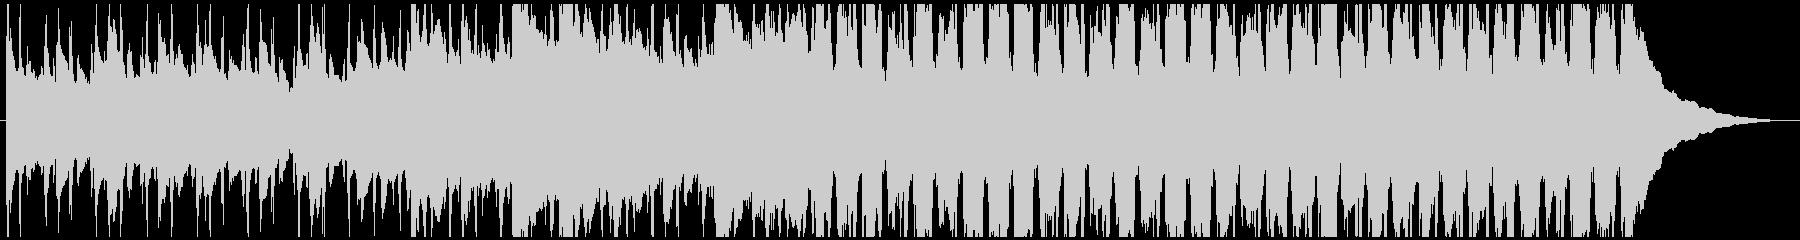 明るく、リズミカルなアコギのPopsの未再生の波形